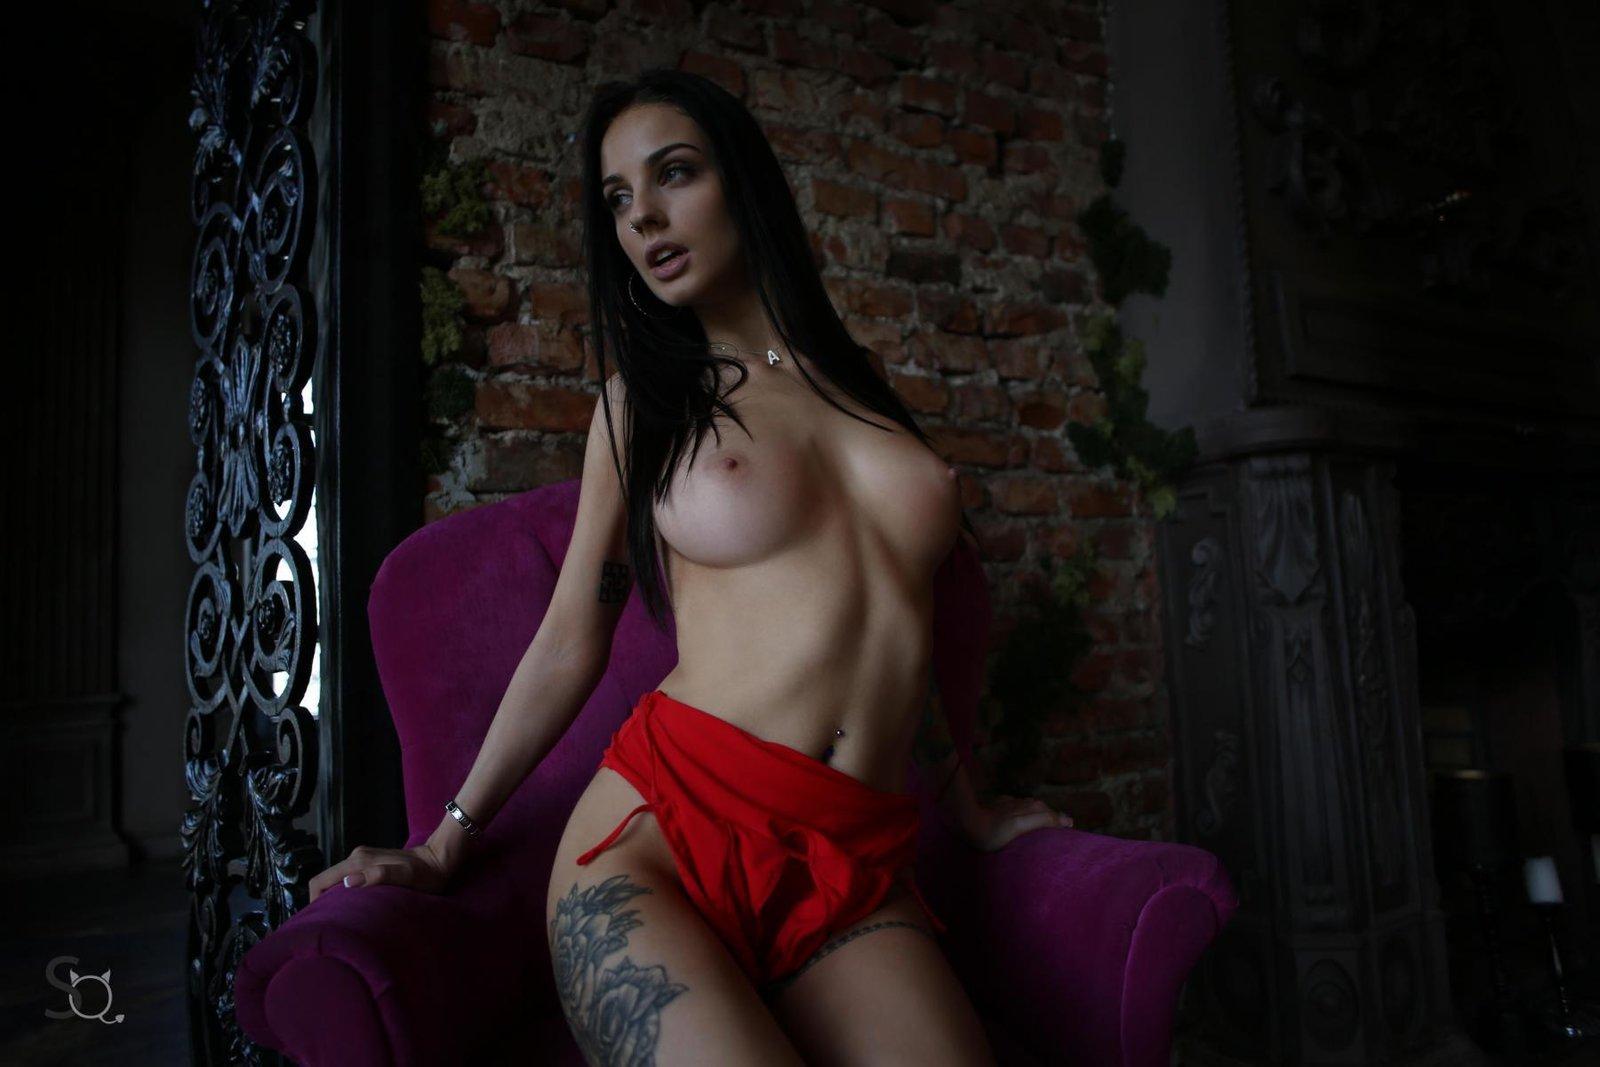 Zdjęcie porno - 0719 - Czarnowłosa laska z tatuażami